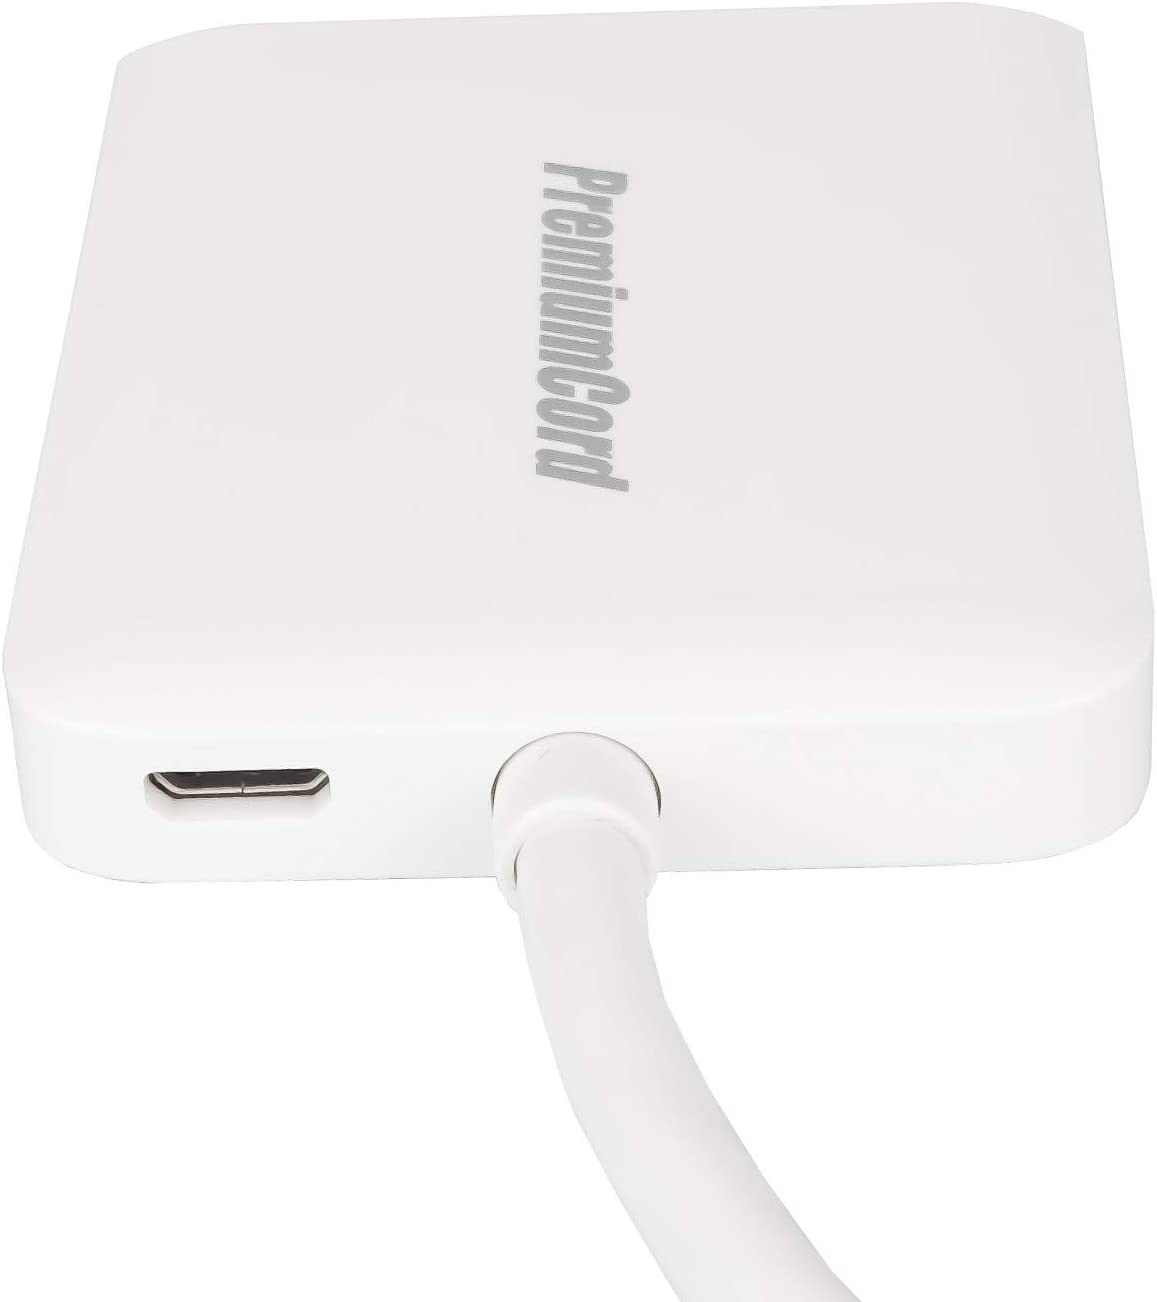 Premiumcord Mst Adapter Mini Displayport 1 2 Auf 2x Computer Zubehör